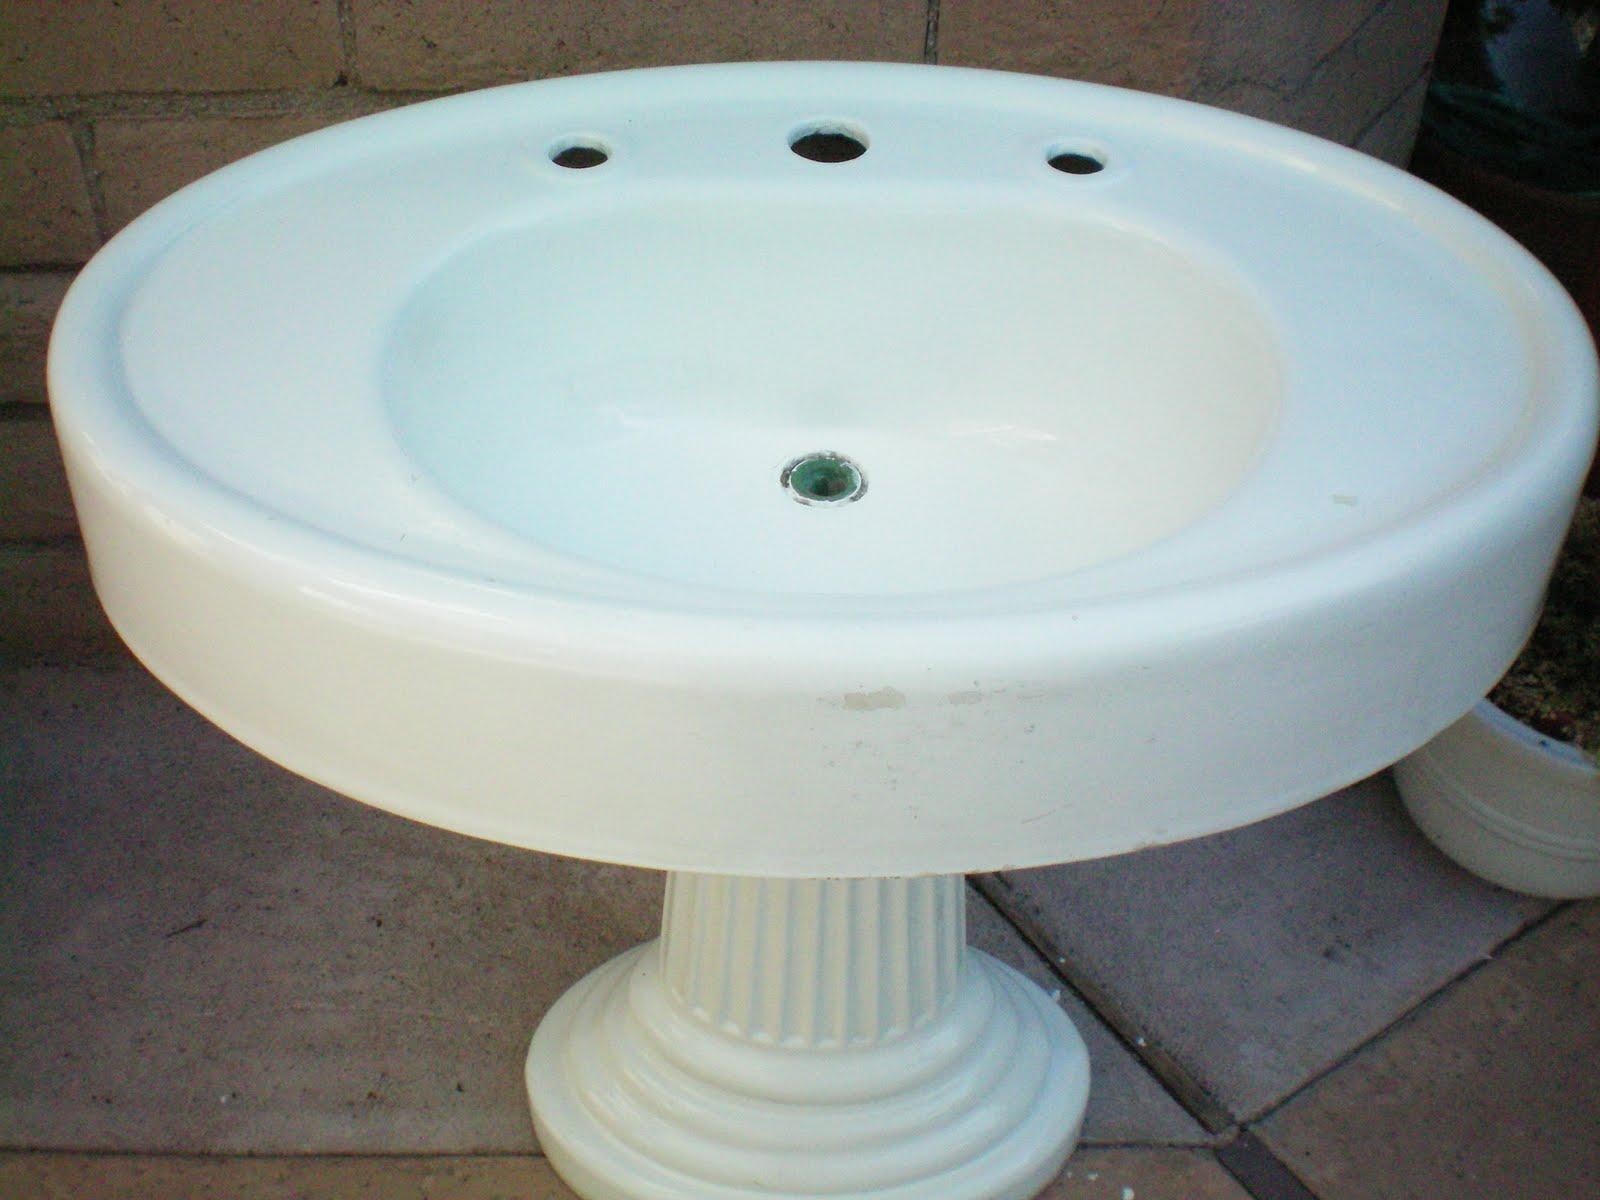 The Vintage Era: Impeccable Pedestal Sink's